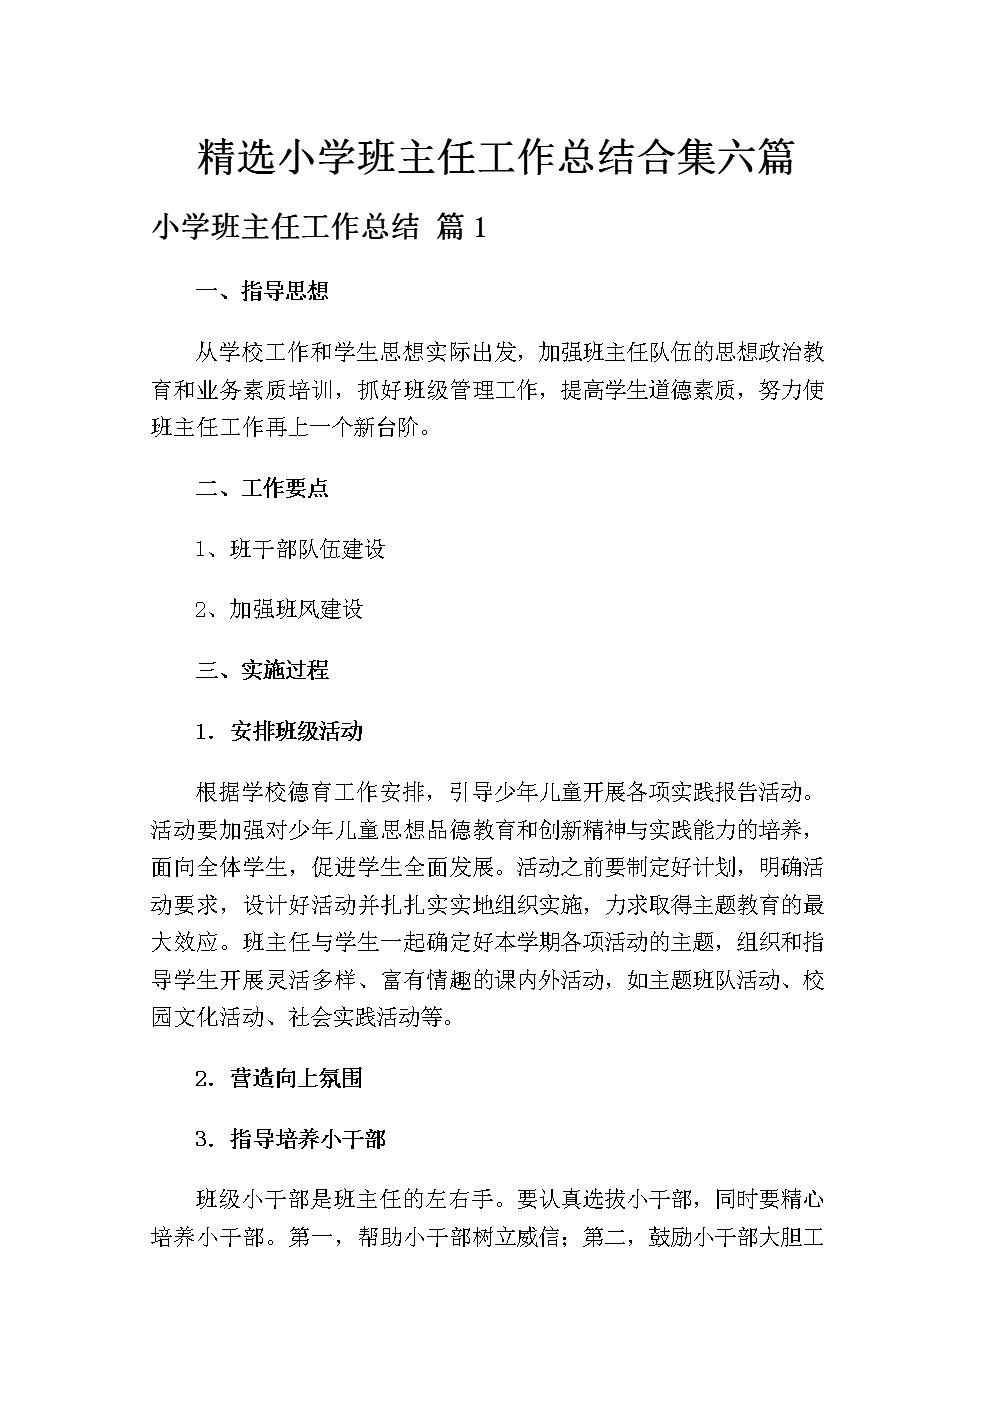 精选小学班主任工作总结合集六篇.docx